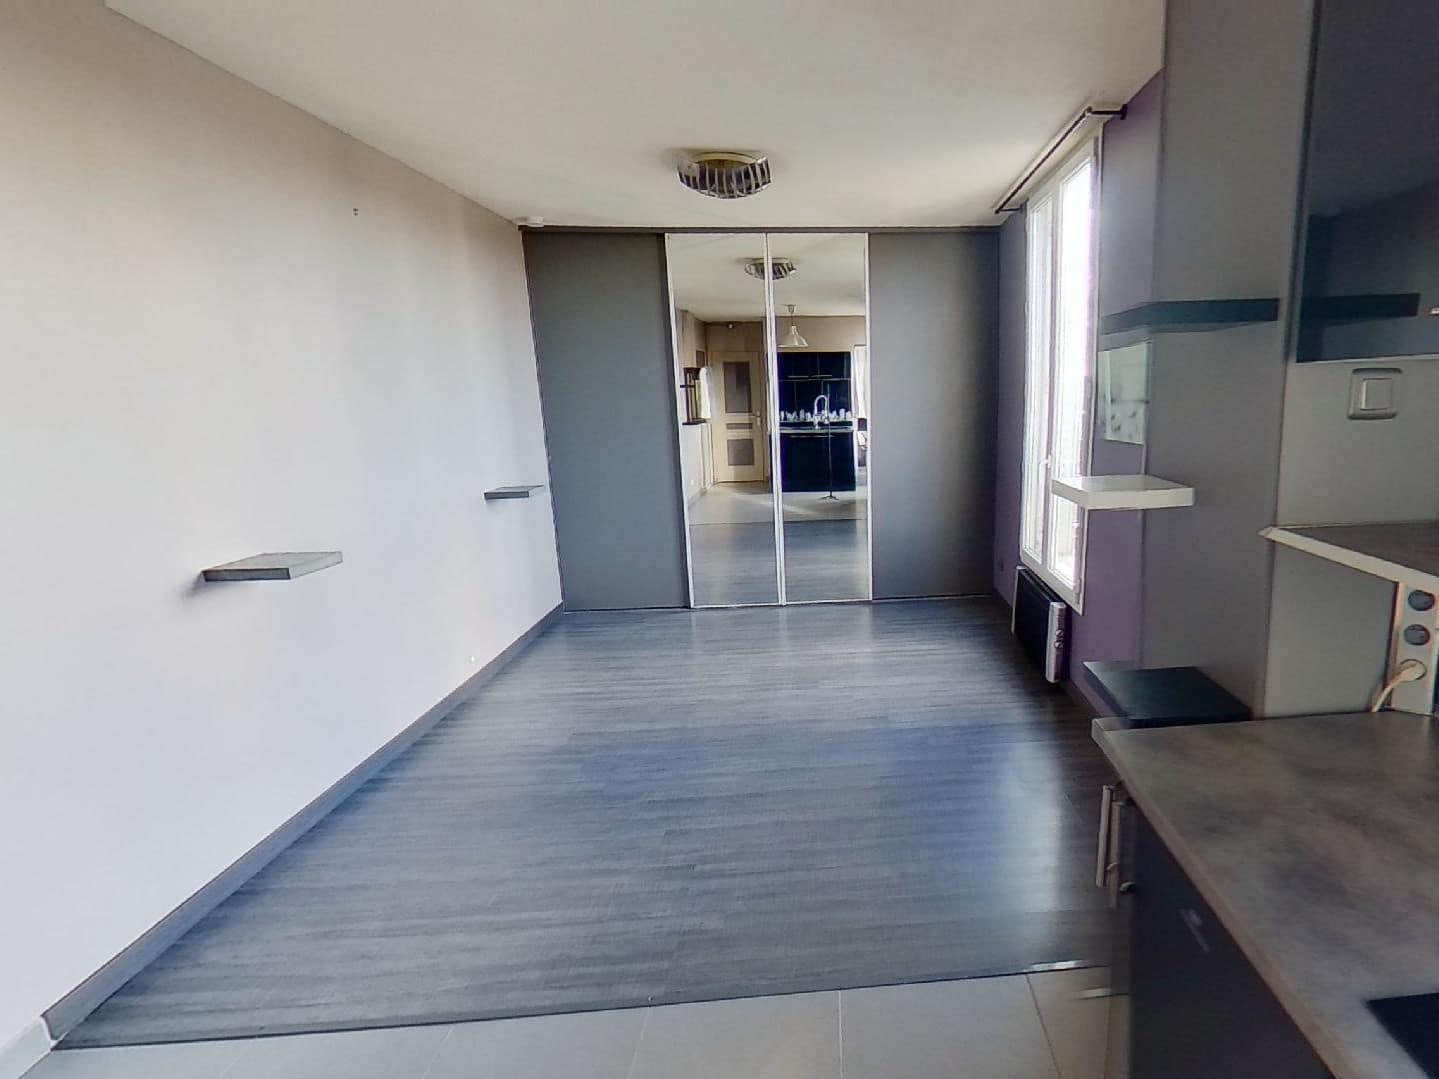 immobilier 94: studio en excellent état et très bien agencé, villeneuve st georges